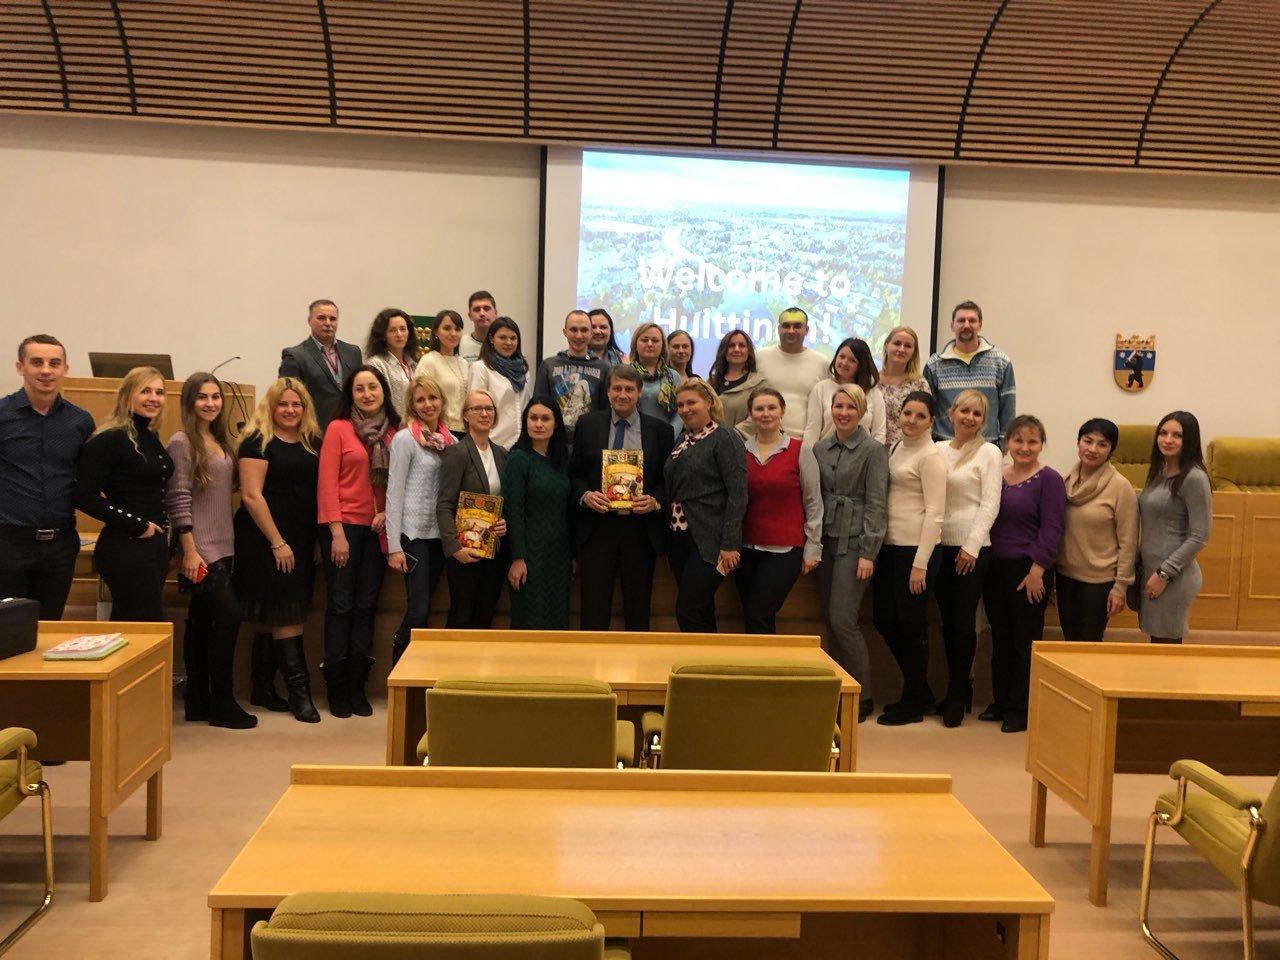 Івано-Франківські студенти презентували свій науковий проект у Фінляндії. ФОТО, фото-1